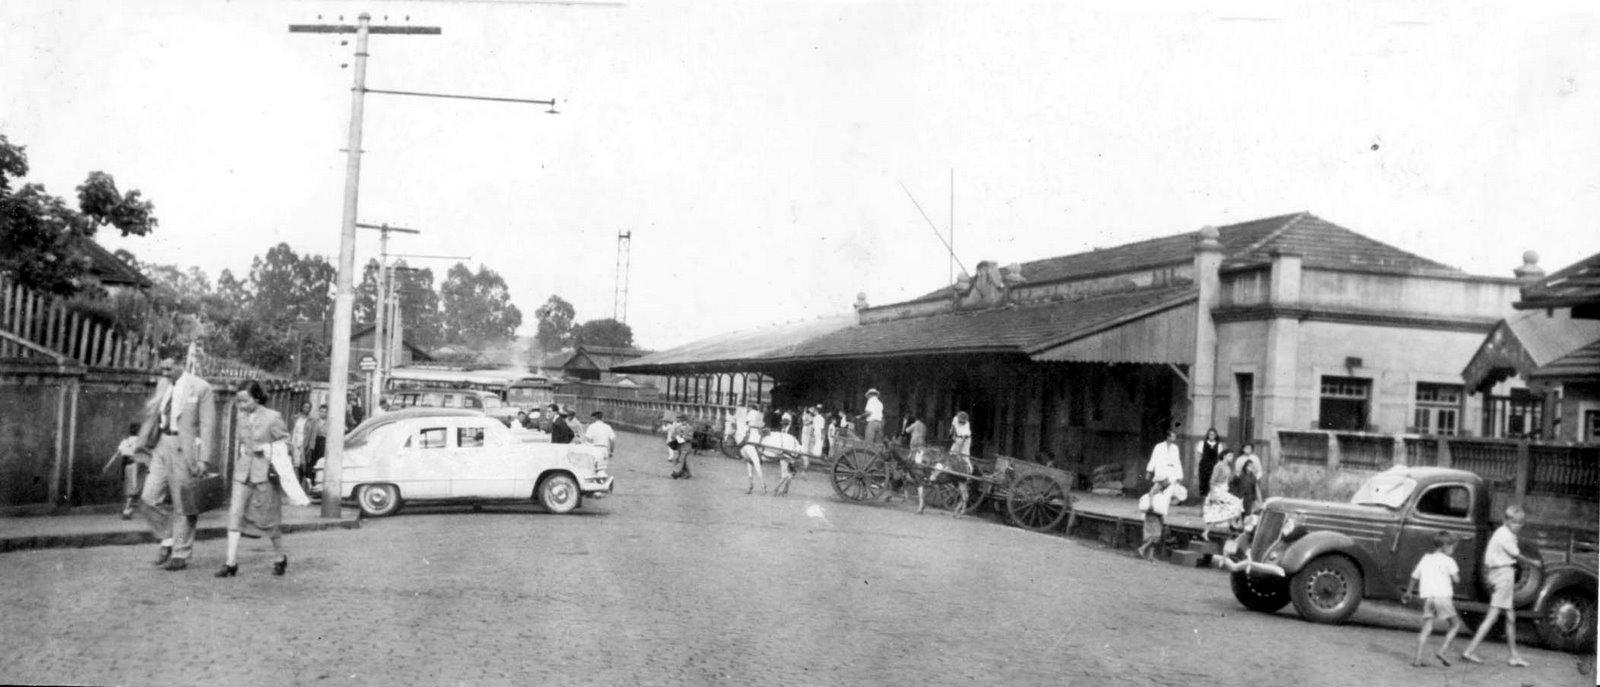 Estação ferroviária da cidade de Ourinhos-SP. À esquerda, um Ford ...